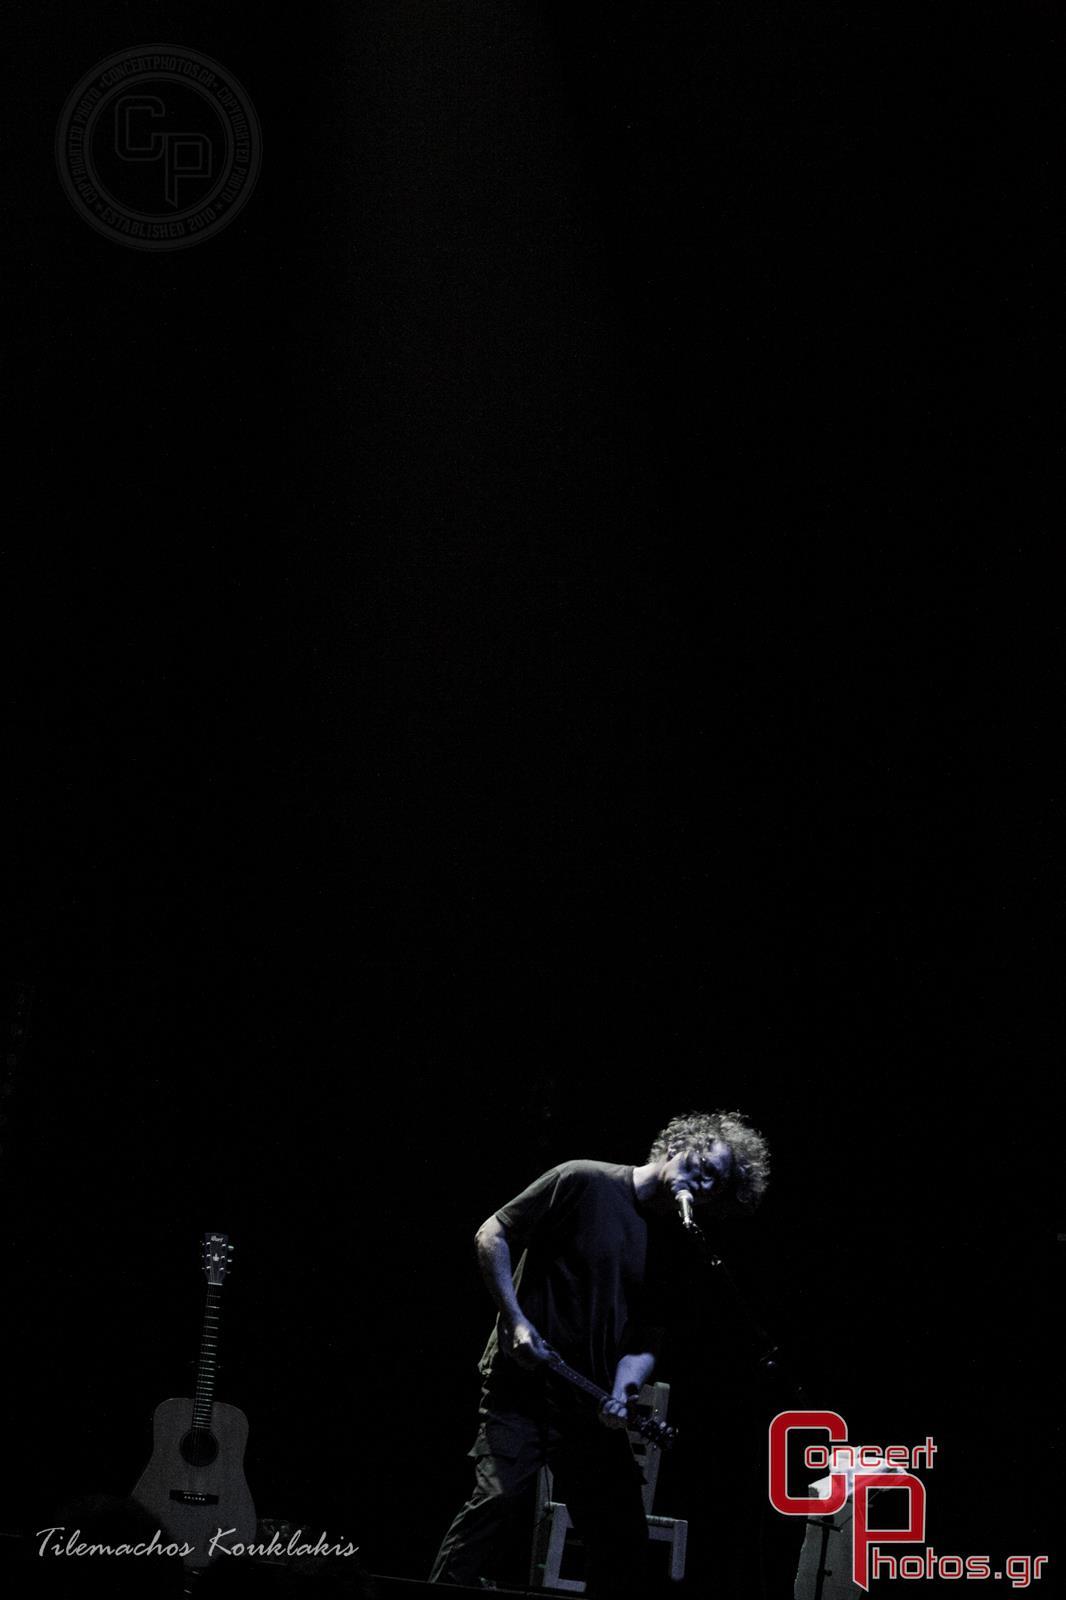 Γιάννης Αγγελάκας - Σύννεφα με Παντελόνια-Aggelakas-2 photographer:  - concertphotos_-1405153188